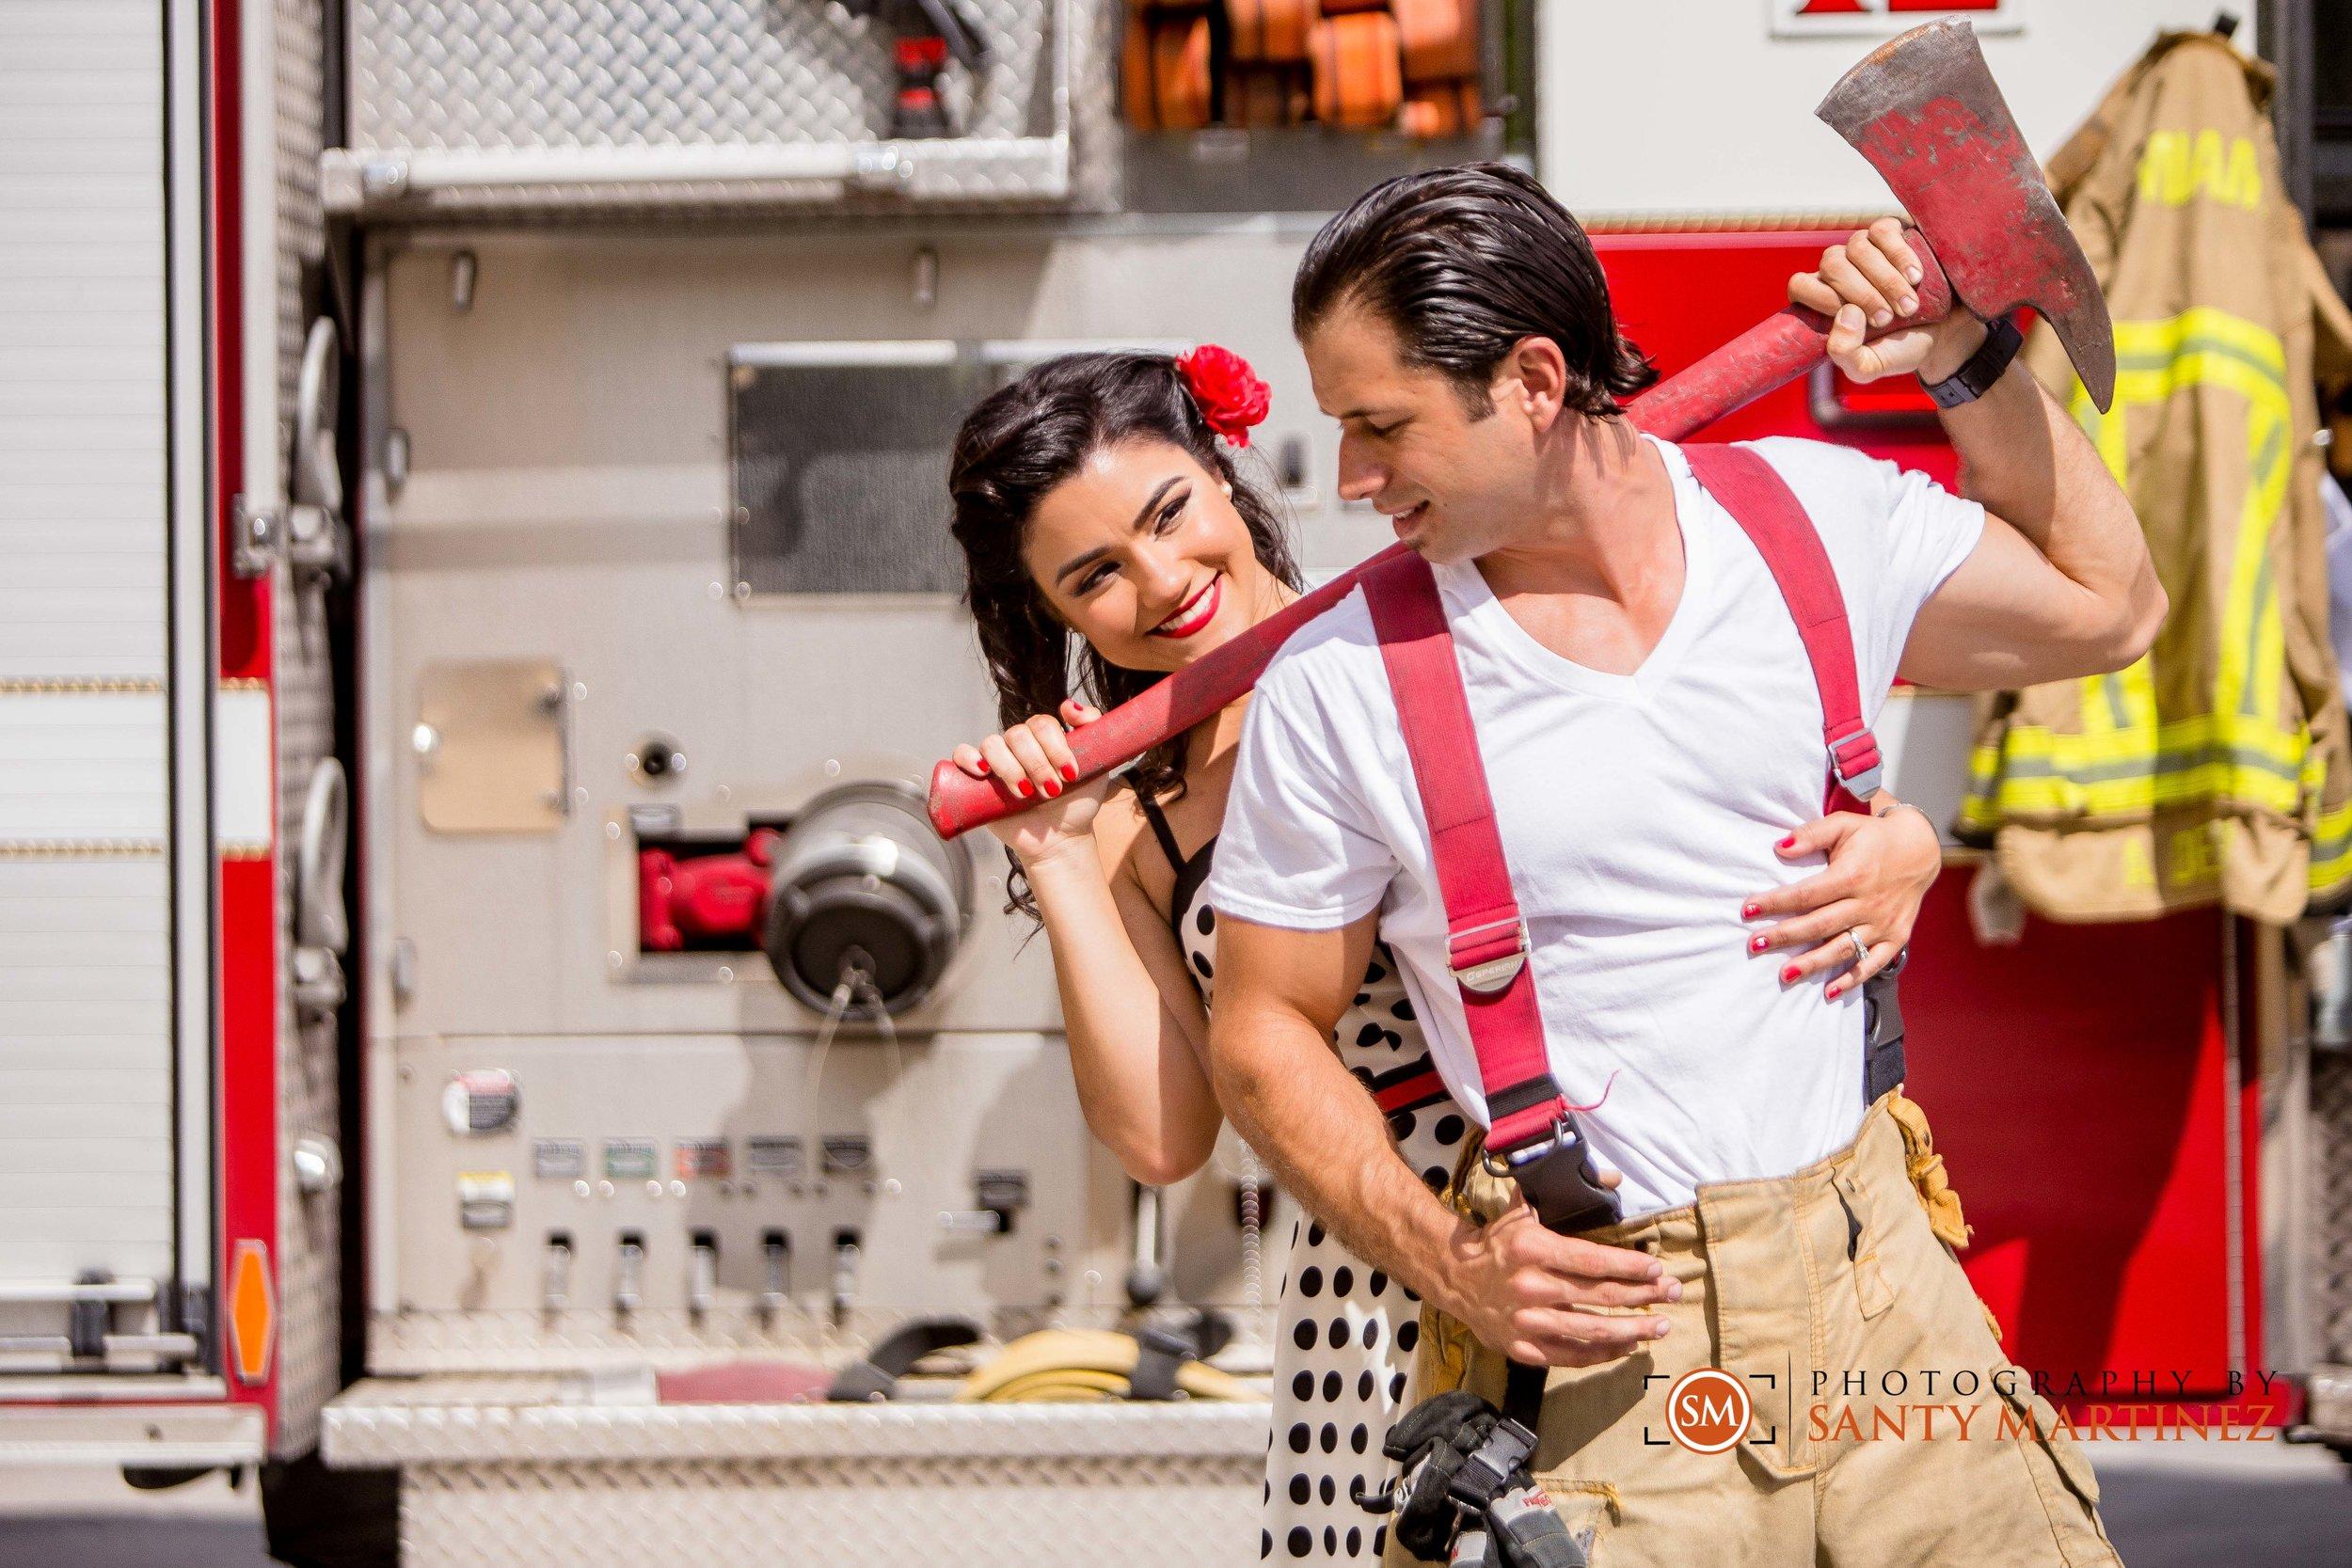 santy-martinez-firefighter-engagement-session-12.jpg